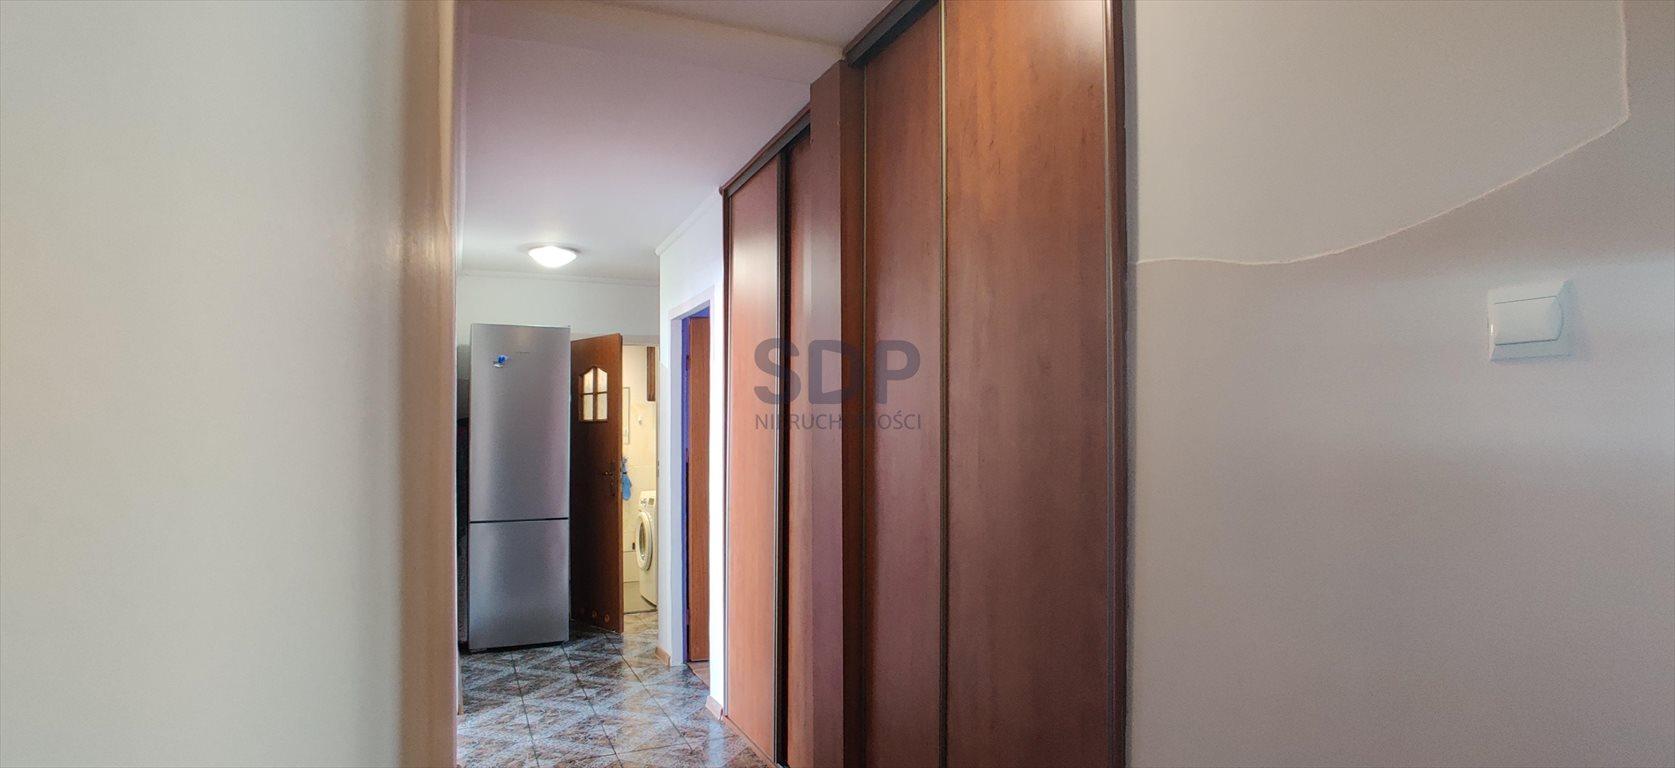 Mieszkanie trzypokojowe na sprzedaż Wrocław, Krzyki, Huby, Gliniana  62m2 Foto 8